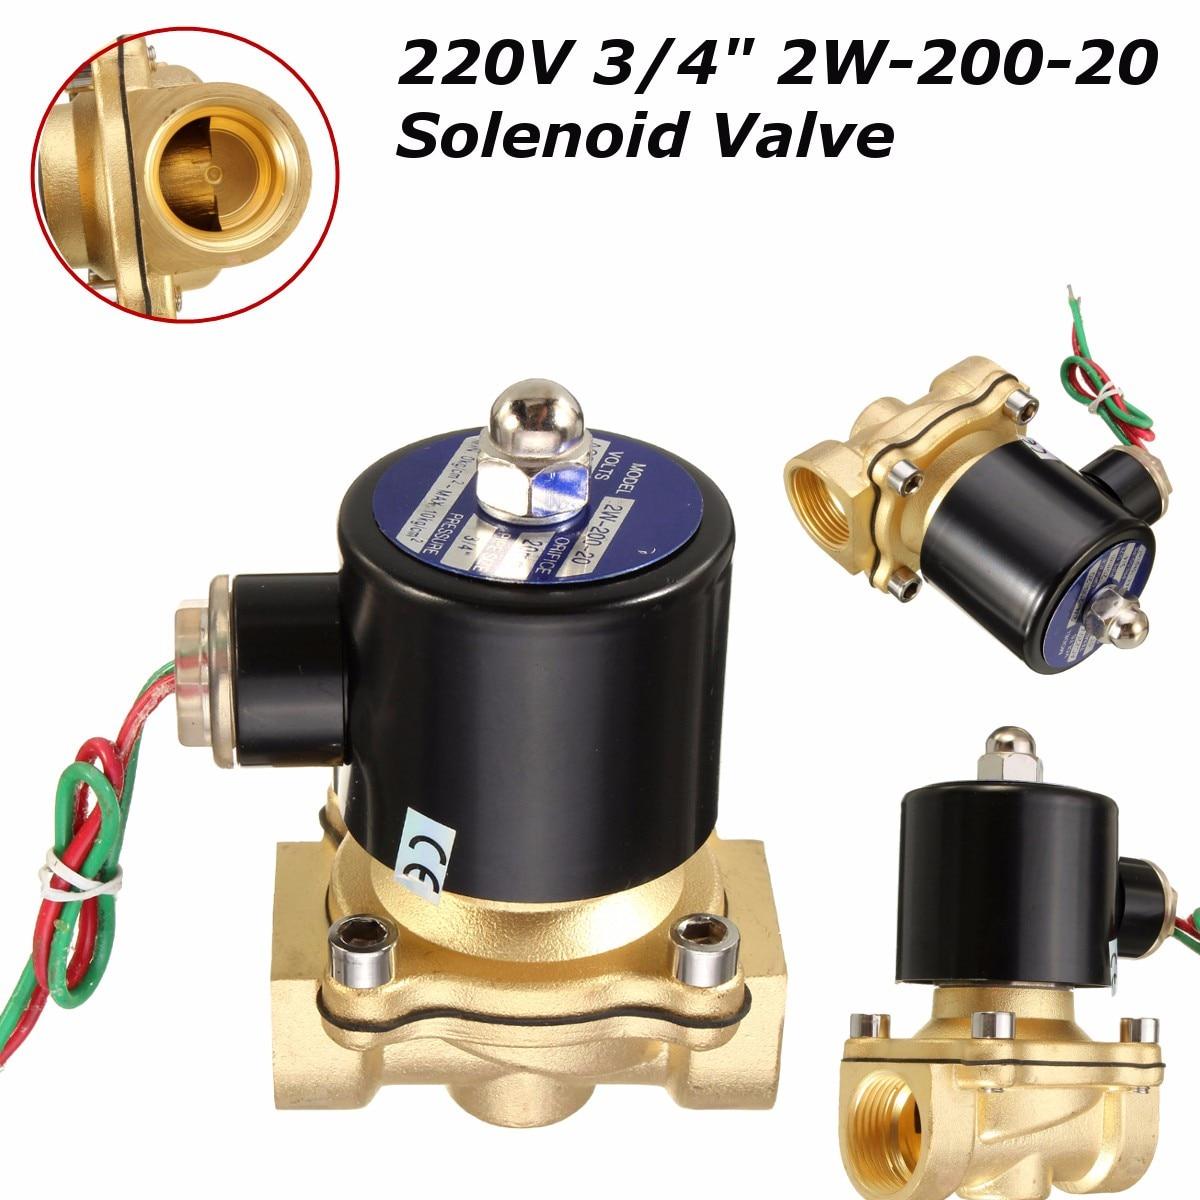 """AC 220 В 3/4 """"латунный Электрический электромагнитный клапан Вода Воздух Топливо черный 2W-200-20 горячее новое поступление электрические"""